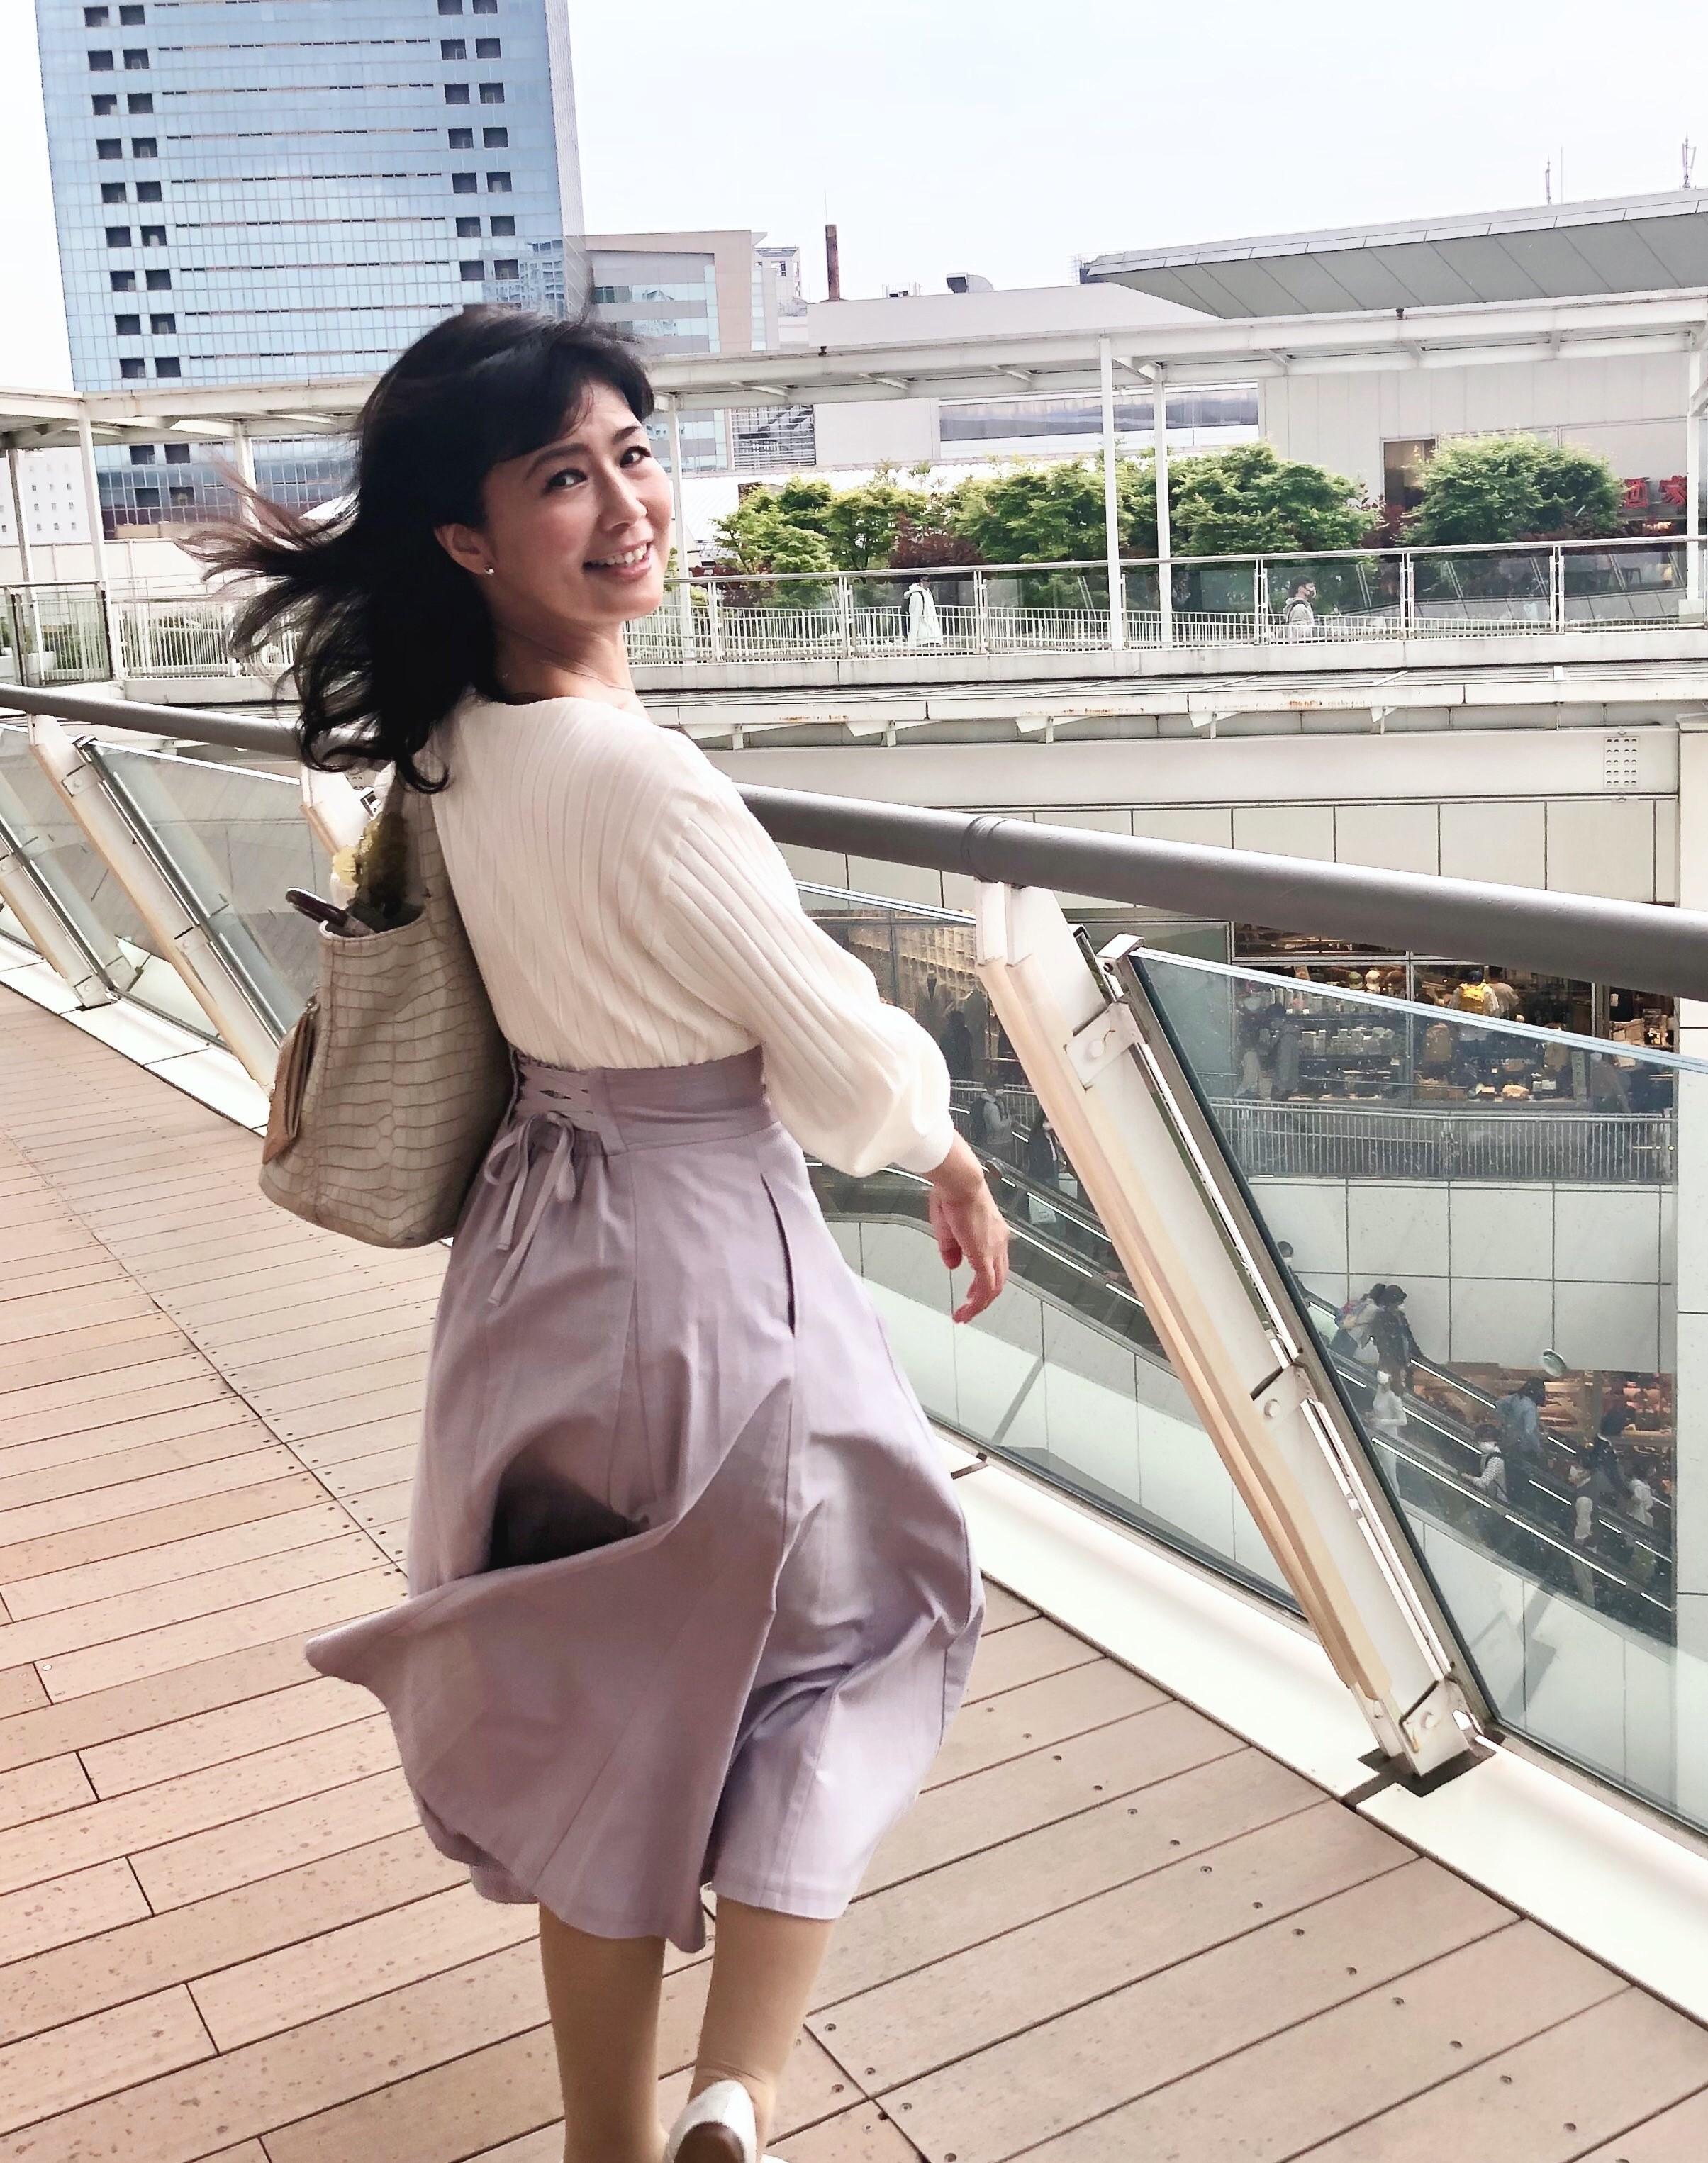 白いトップスに薄紫のロングスカート。振り向いてスカートの後ろのウエストに細いリボンでワンポイント。